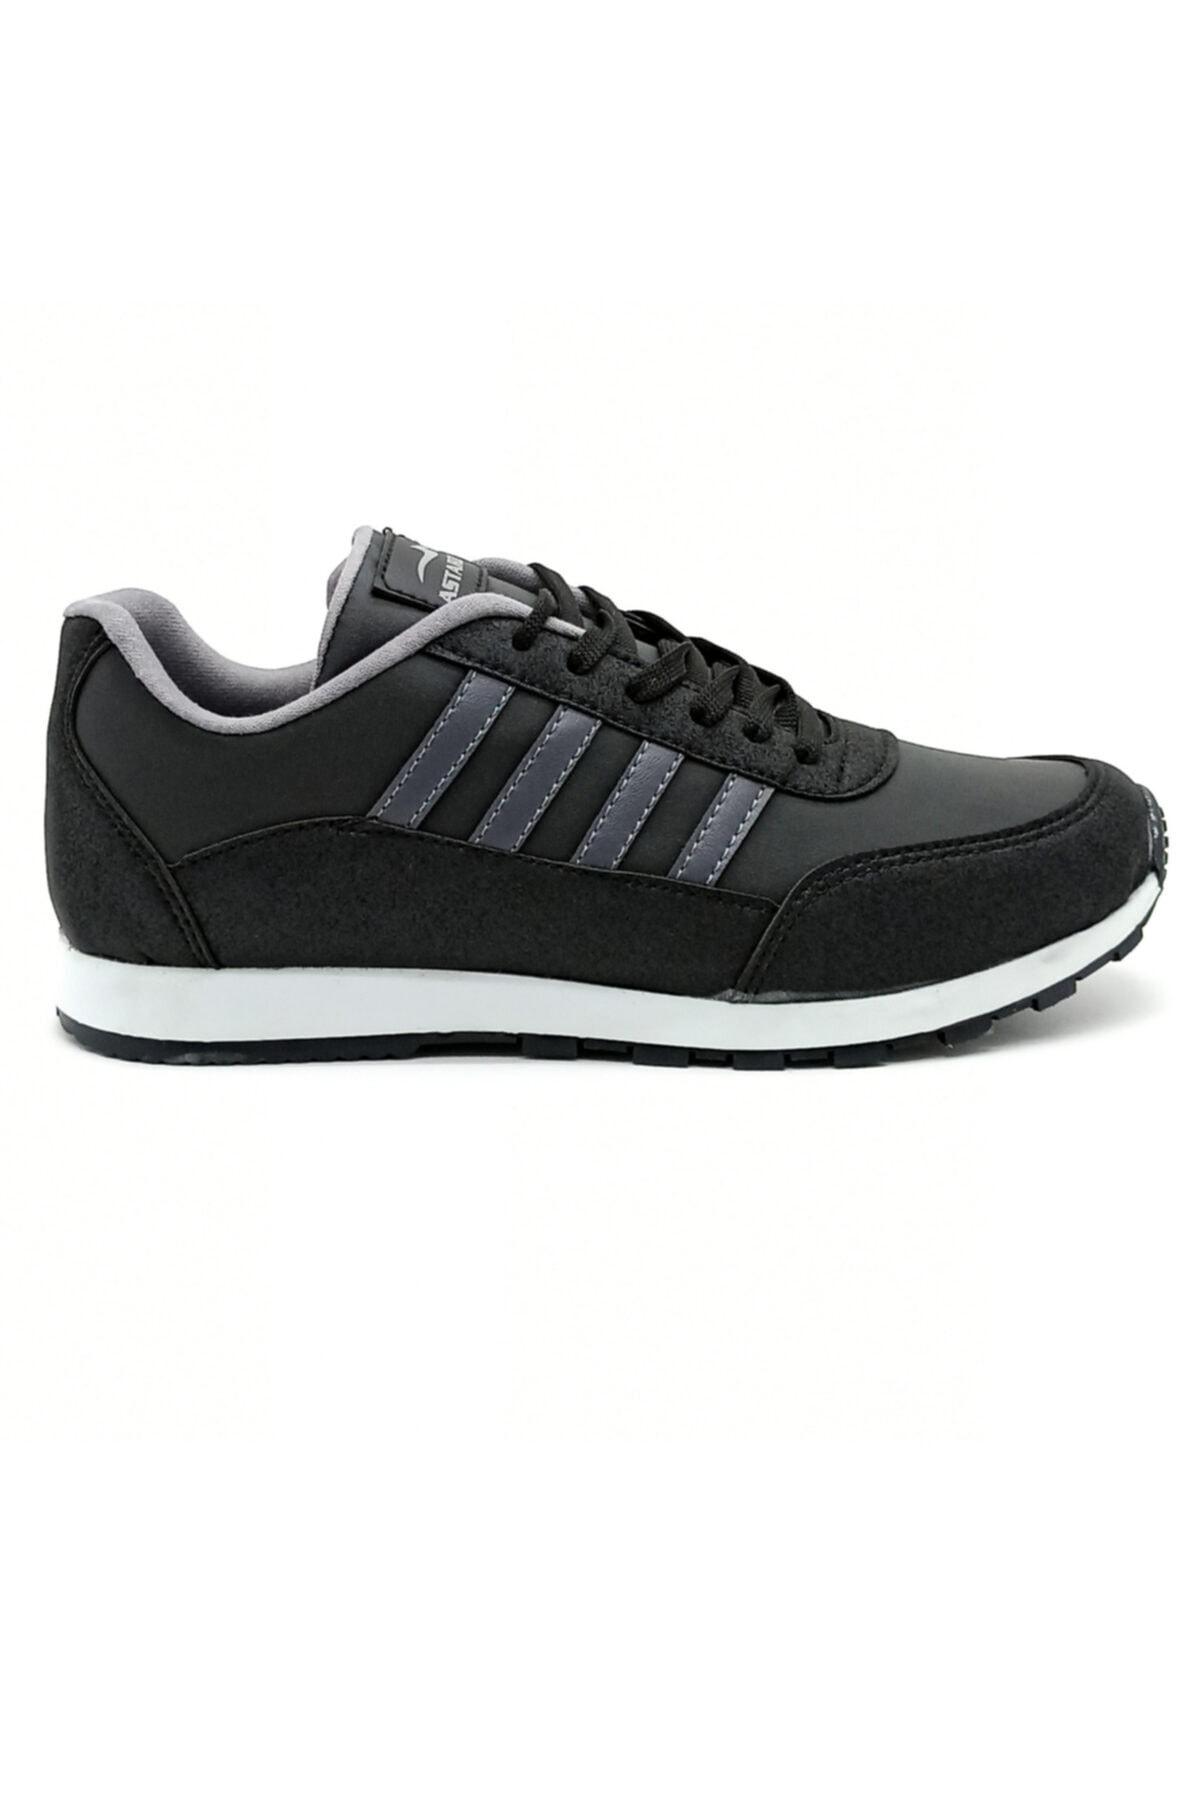 Hercule Shoes Erkek Siyah Füme Spor Ayakkabı Günlük Snekaer 1